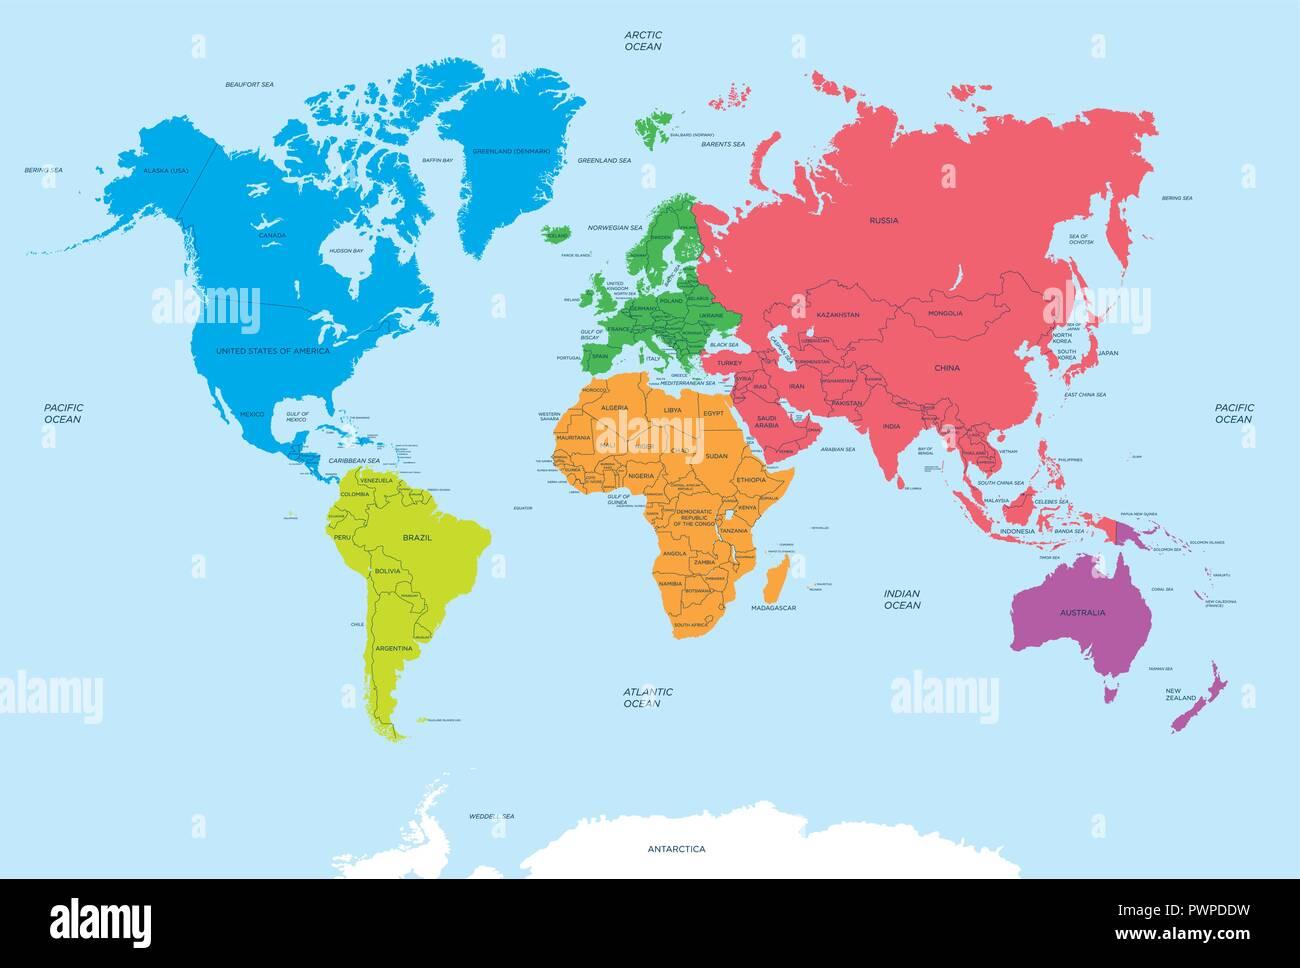 Cartina Del Mondo Con Continenti.Continenti Del Mondo Politico E Mappa Illustrazione